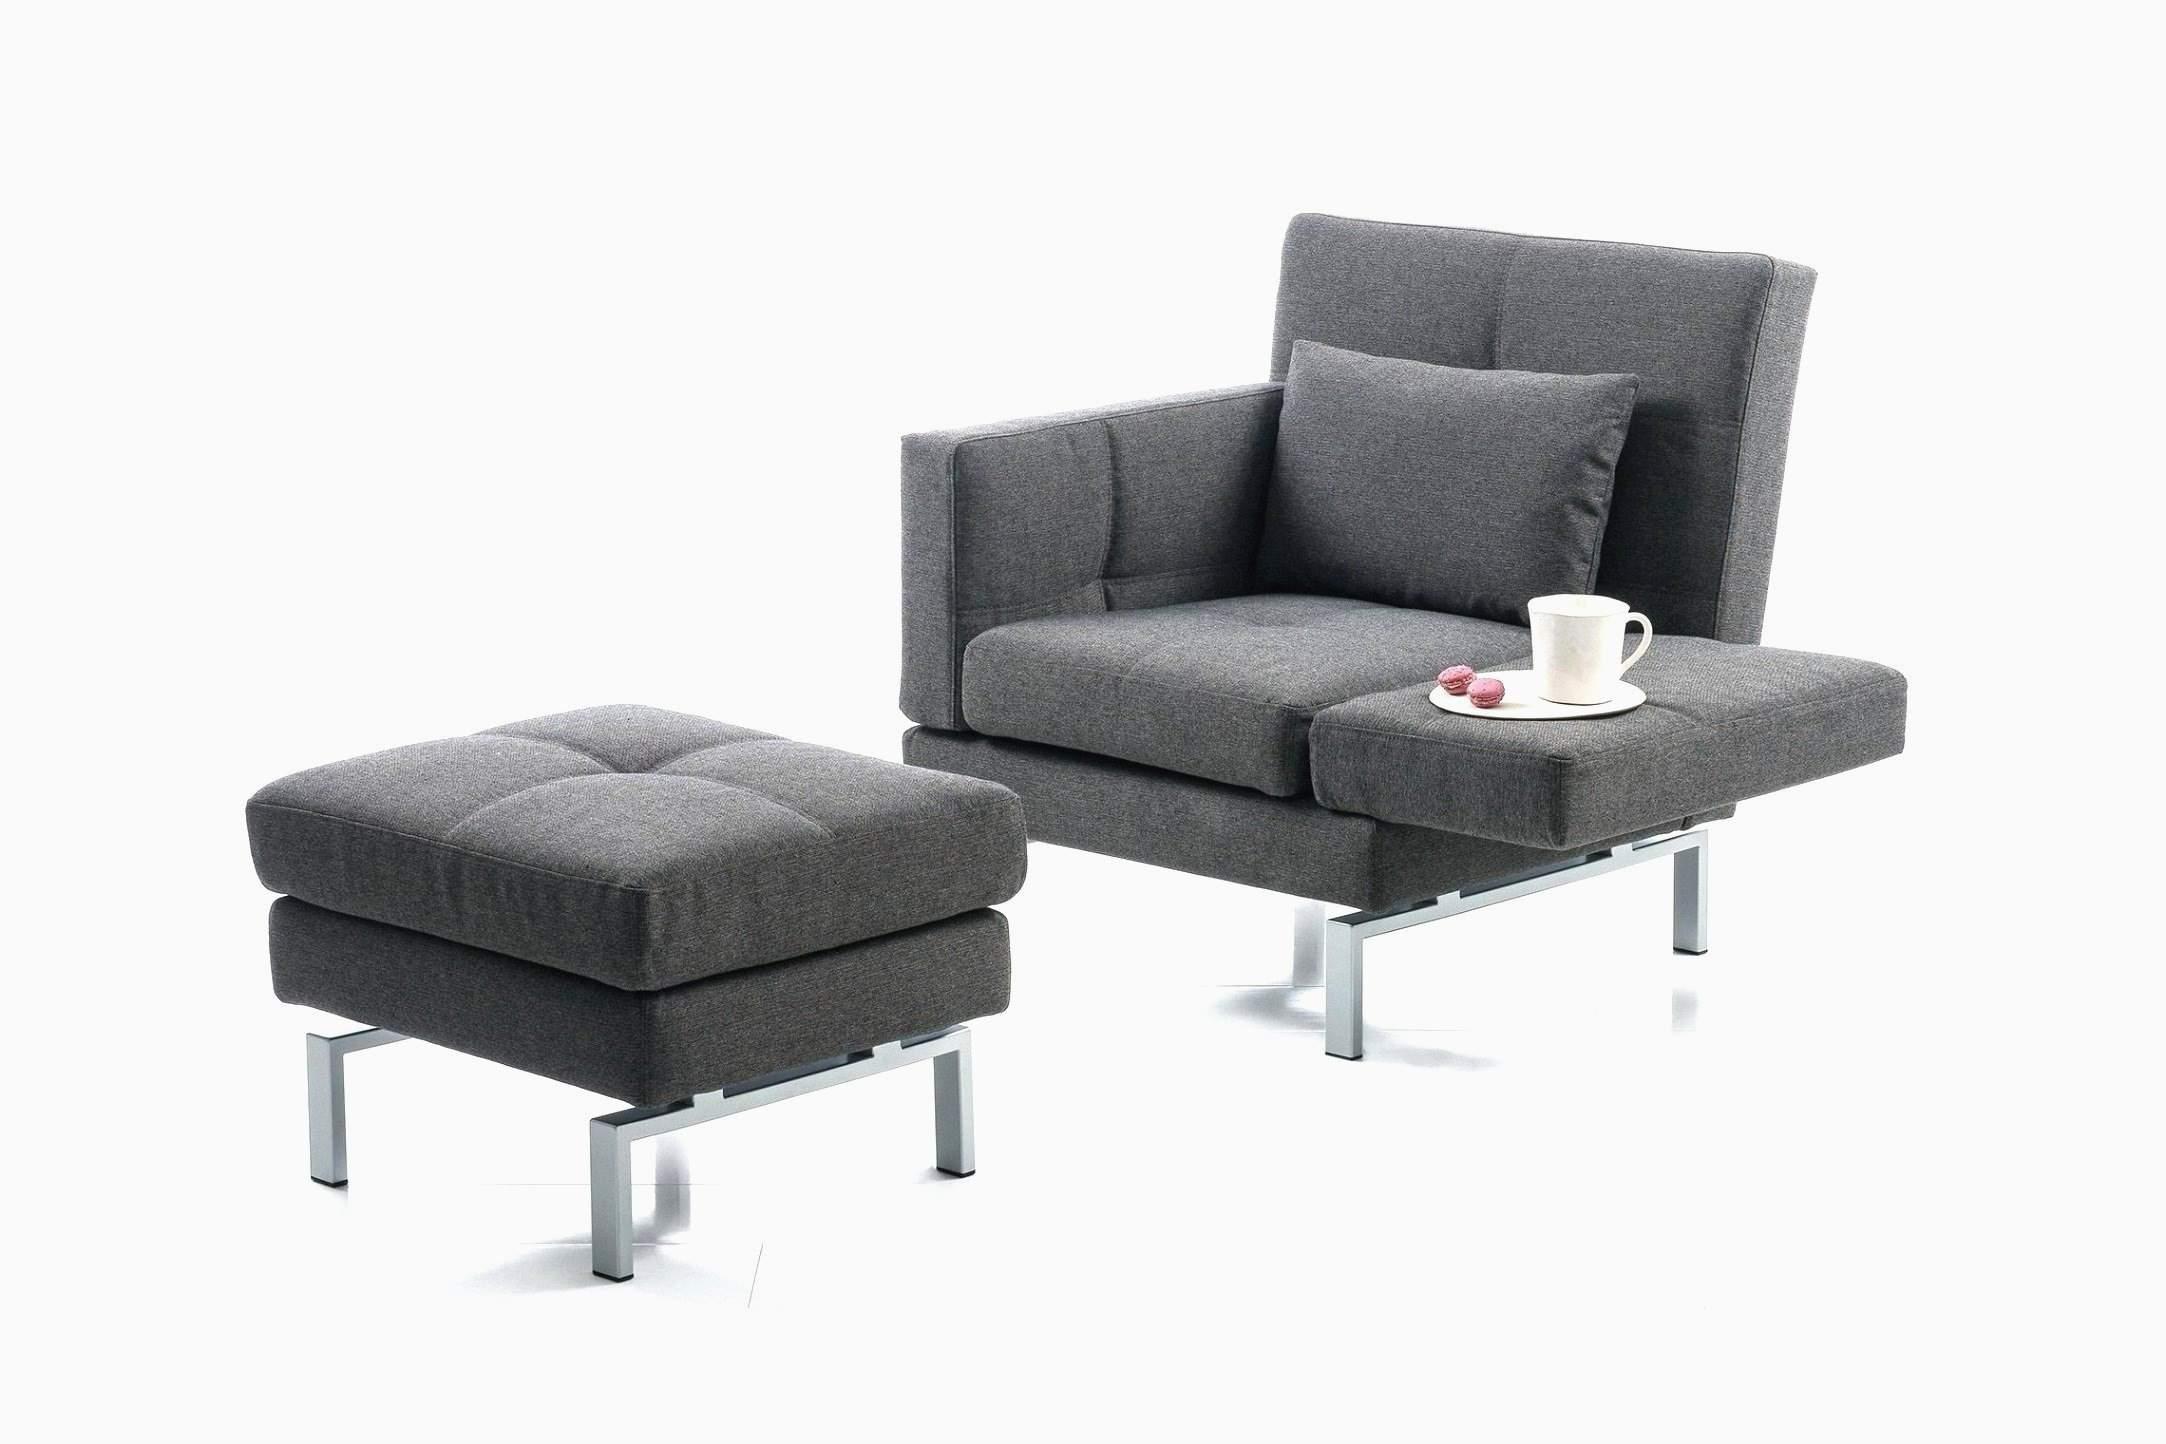 Full Size of Ikea Relaxsessel Wohnzimmer Das Beste Von Weier Sessel With Modulküche Küche Kosten Garten Sofa Mit Schlaffunktion Kaufen Betten Bei Miniküche Aldi 160x200 Wohnzimmer Ikea Relaxsessel